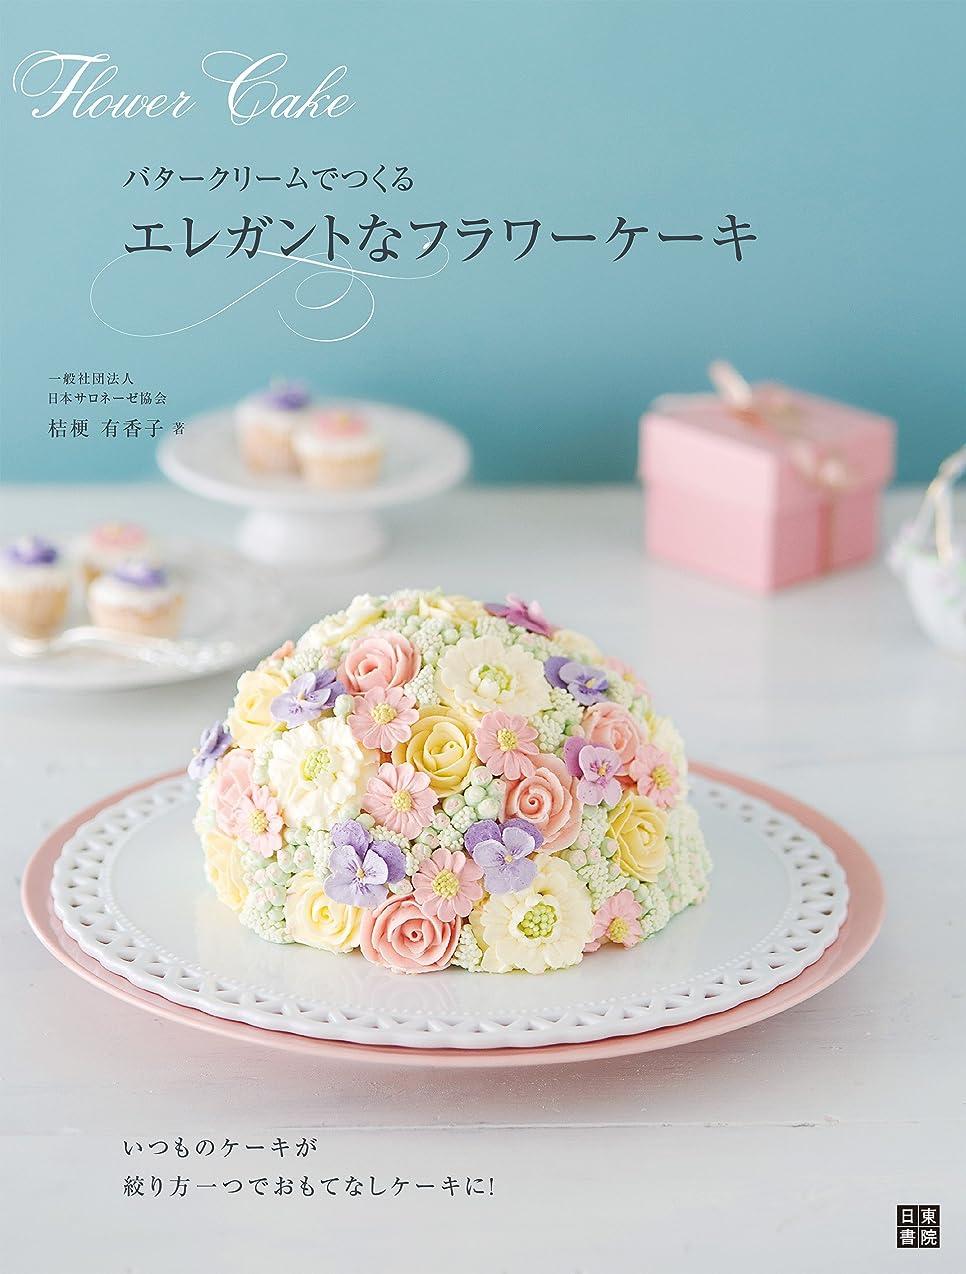 検出する典型的な授業料バタークリームでつくるエレガントなフラワーケーキ